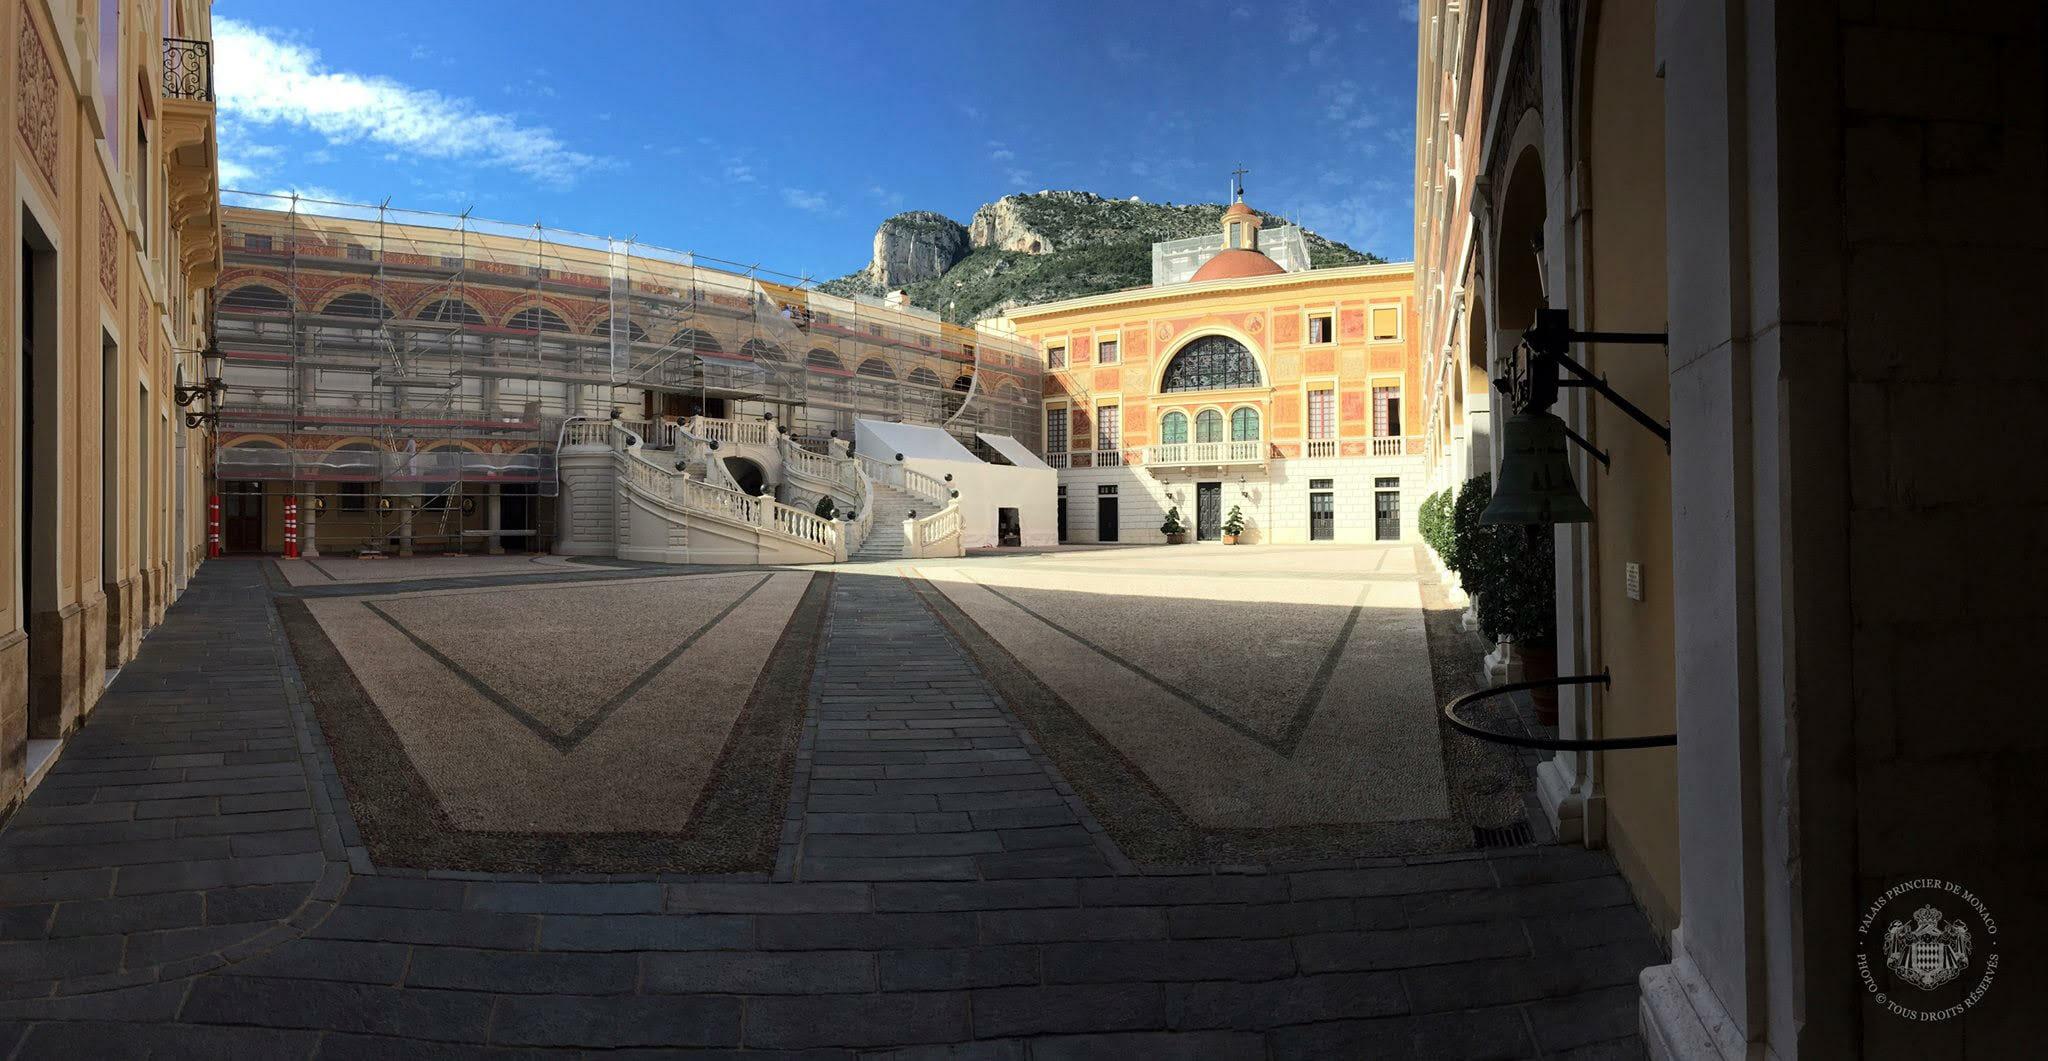 Часовня Княжеского дворца – хранилище семейных воспоминаний Гримальди